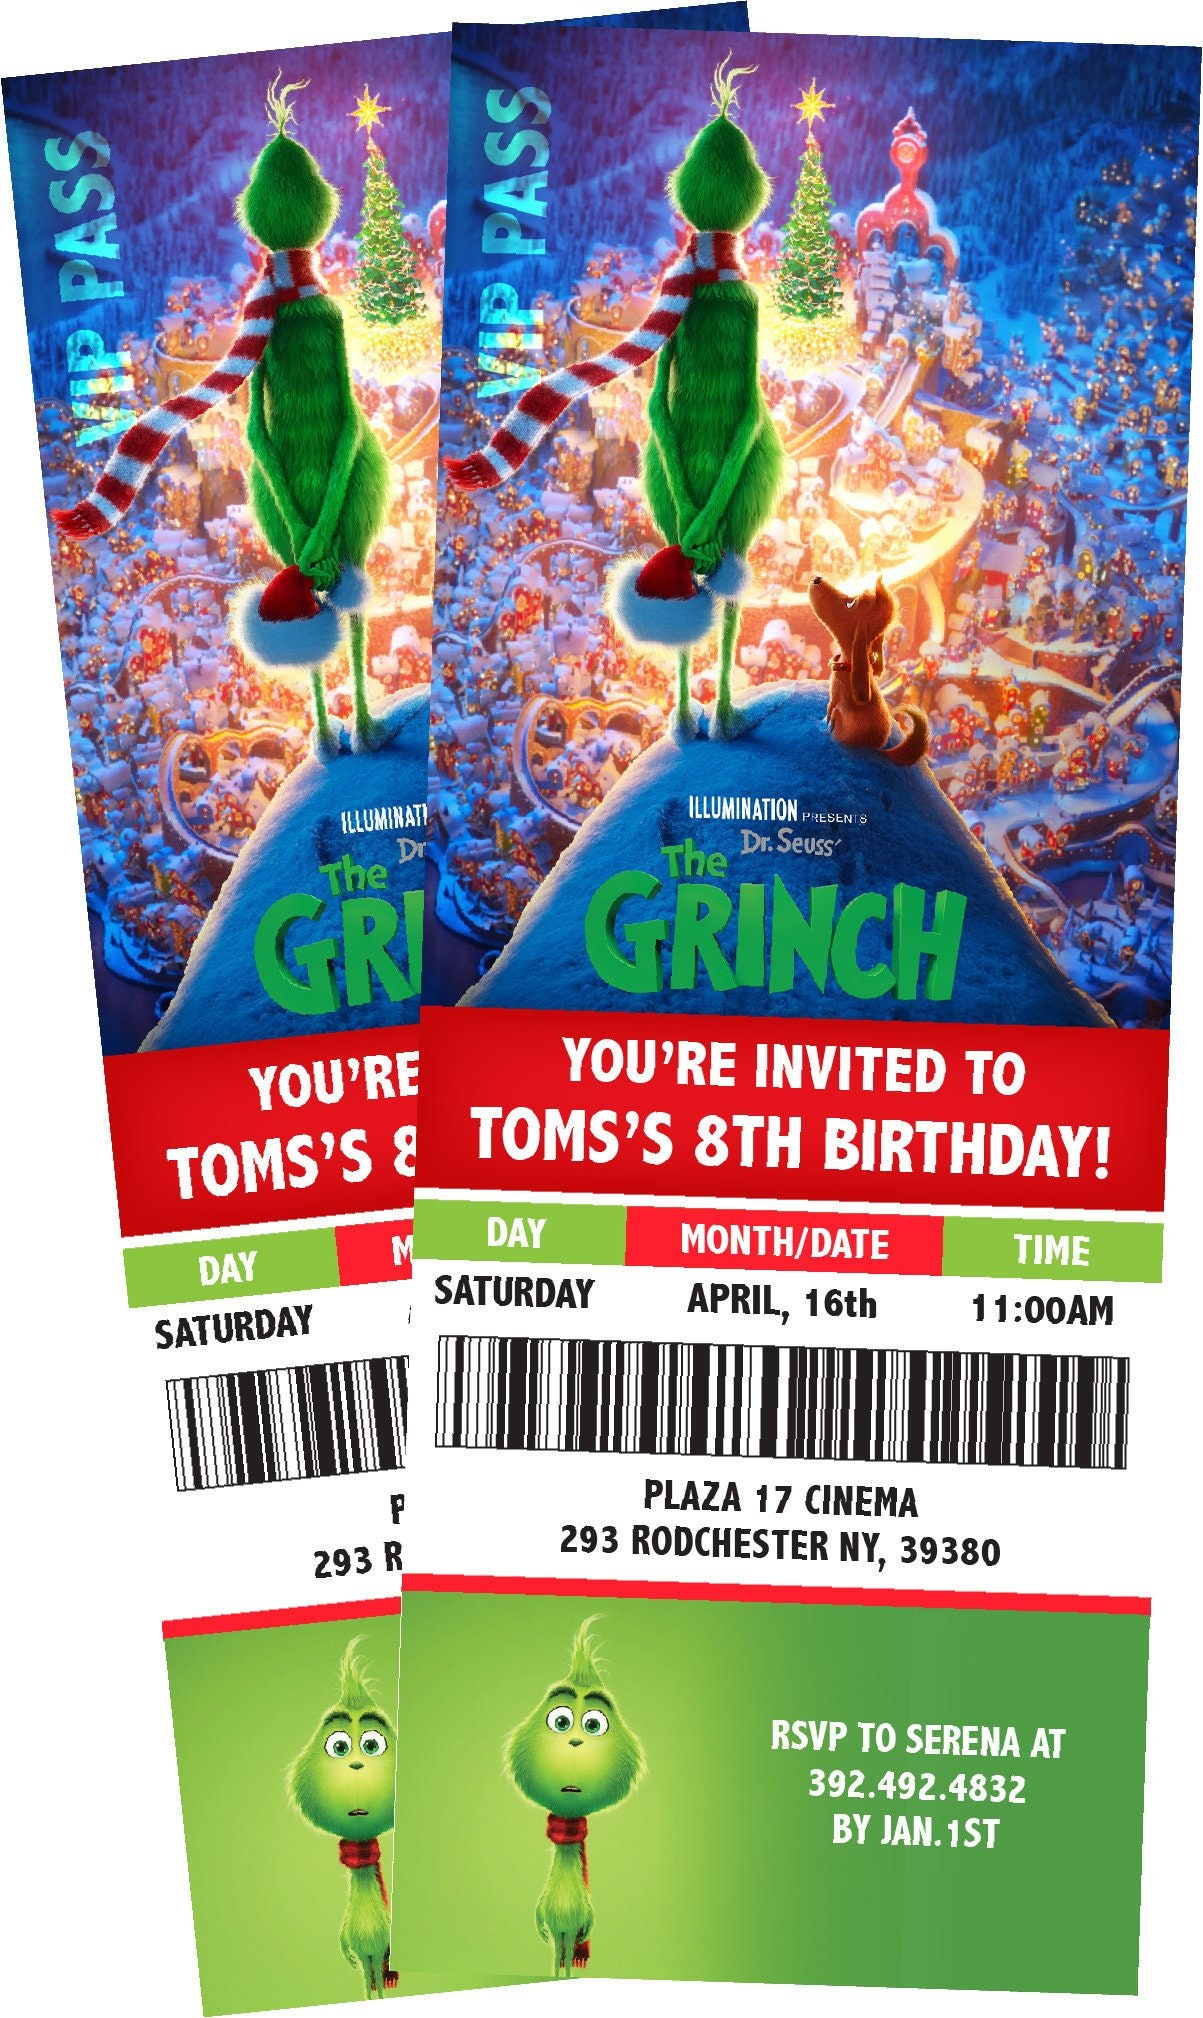 Grinch Movie Ticket Themed Birthday Party Invitation. School | Etsy